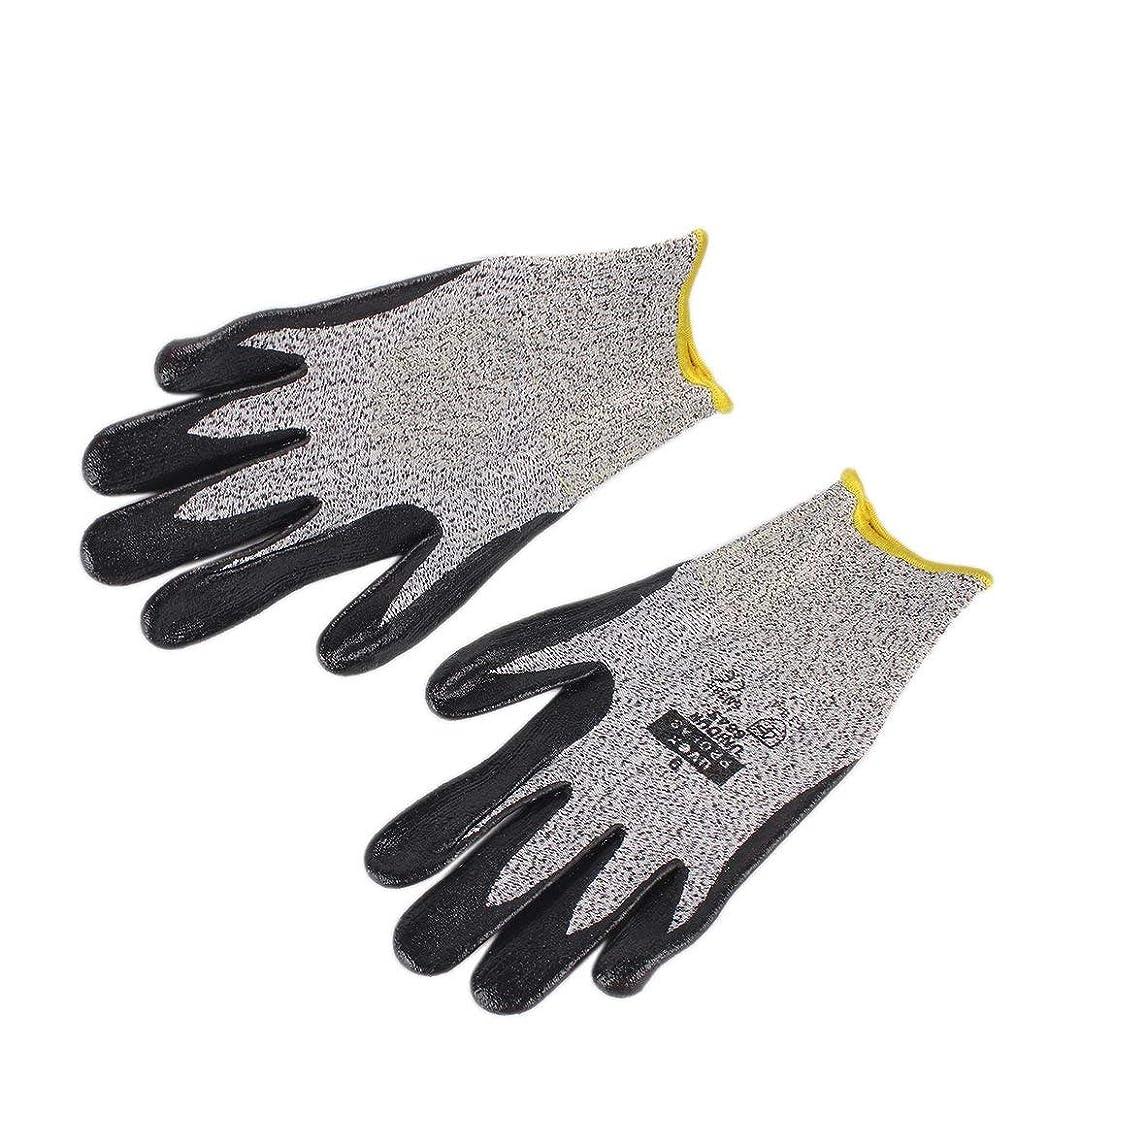 高尚な鳴らすつぶすBlackfell 1ペア抗摩耗カット耐性安全労働保護手袋電気溶接はんだ付け金属工業用戦術手袋